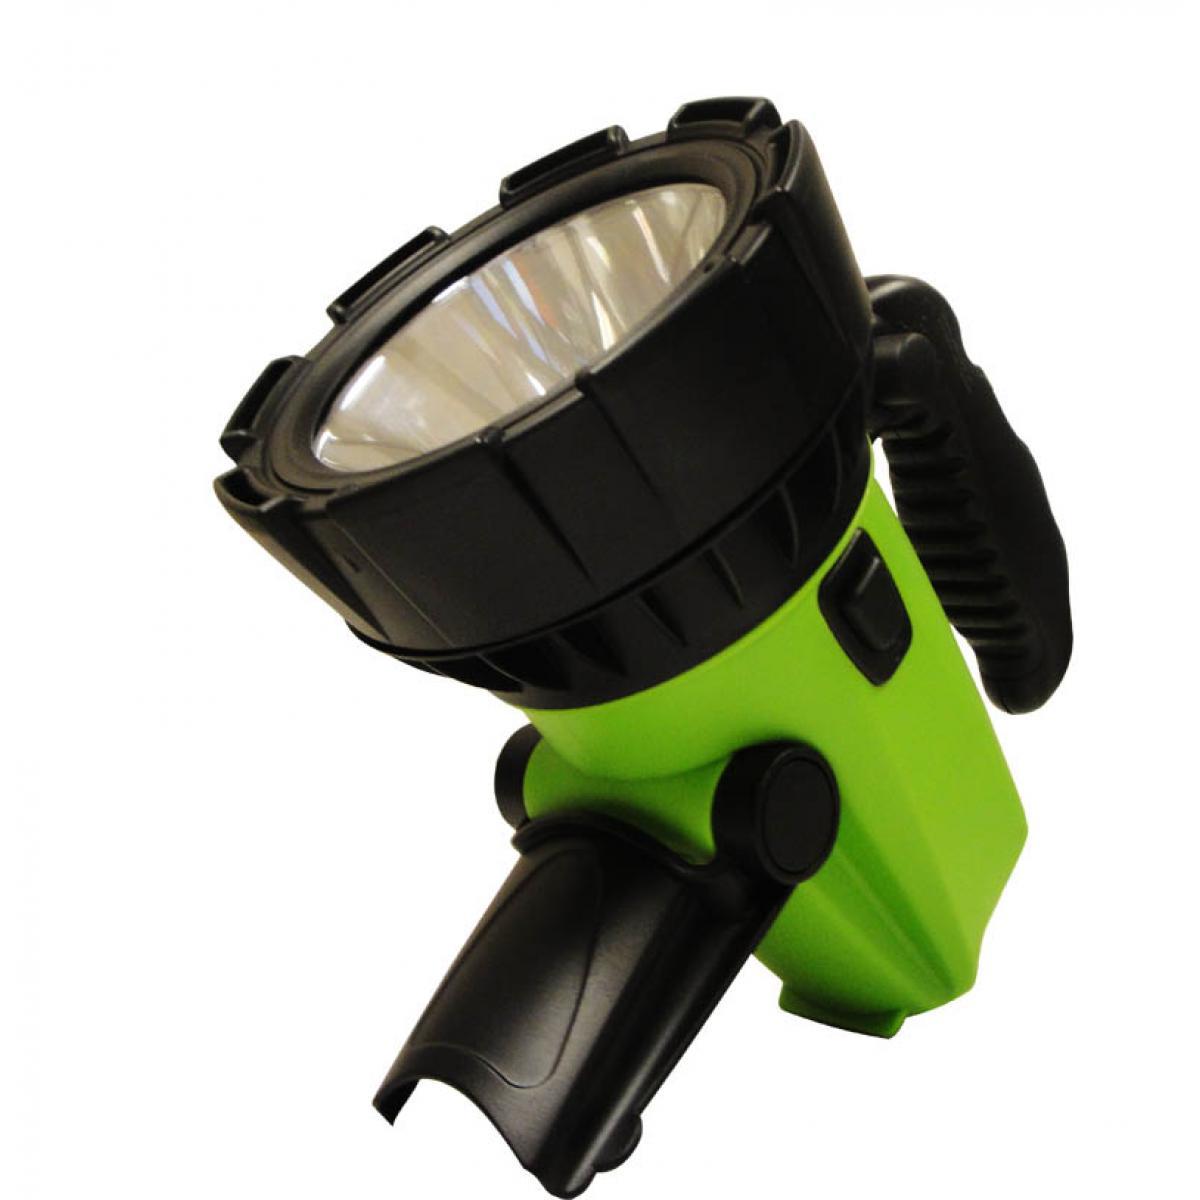 Led Light Torche 1 LED 3W - LED Light